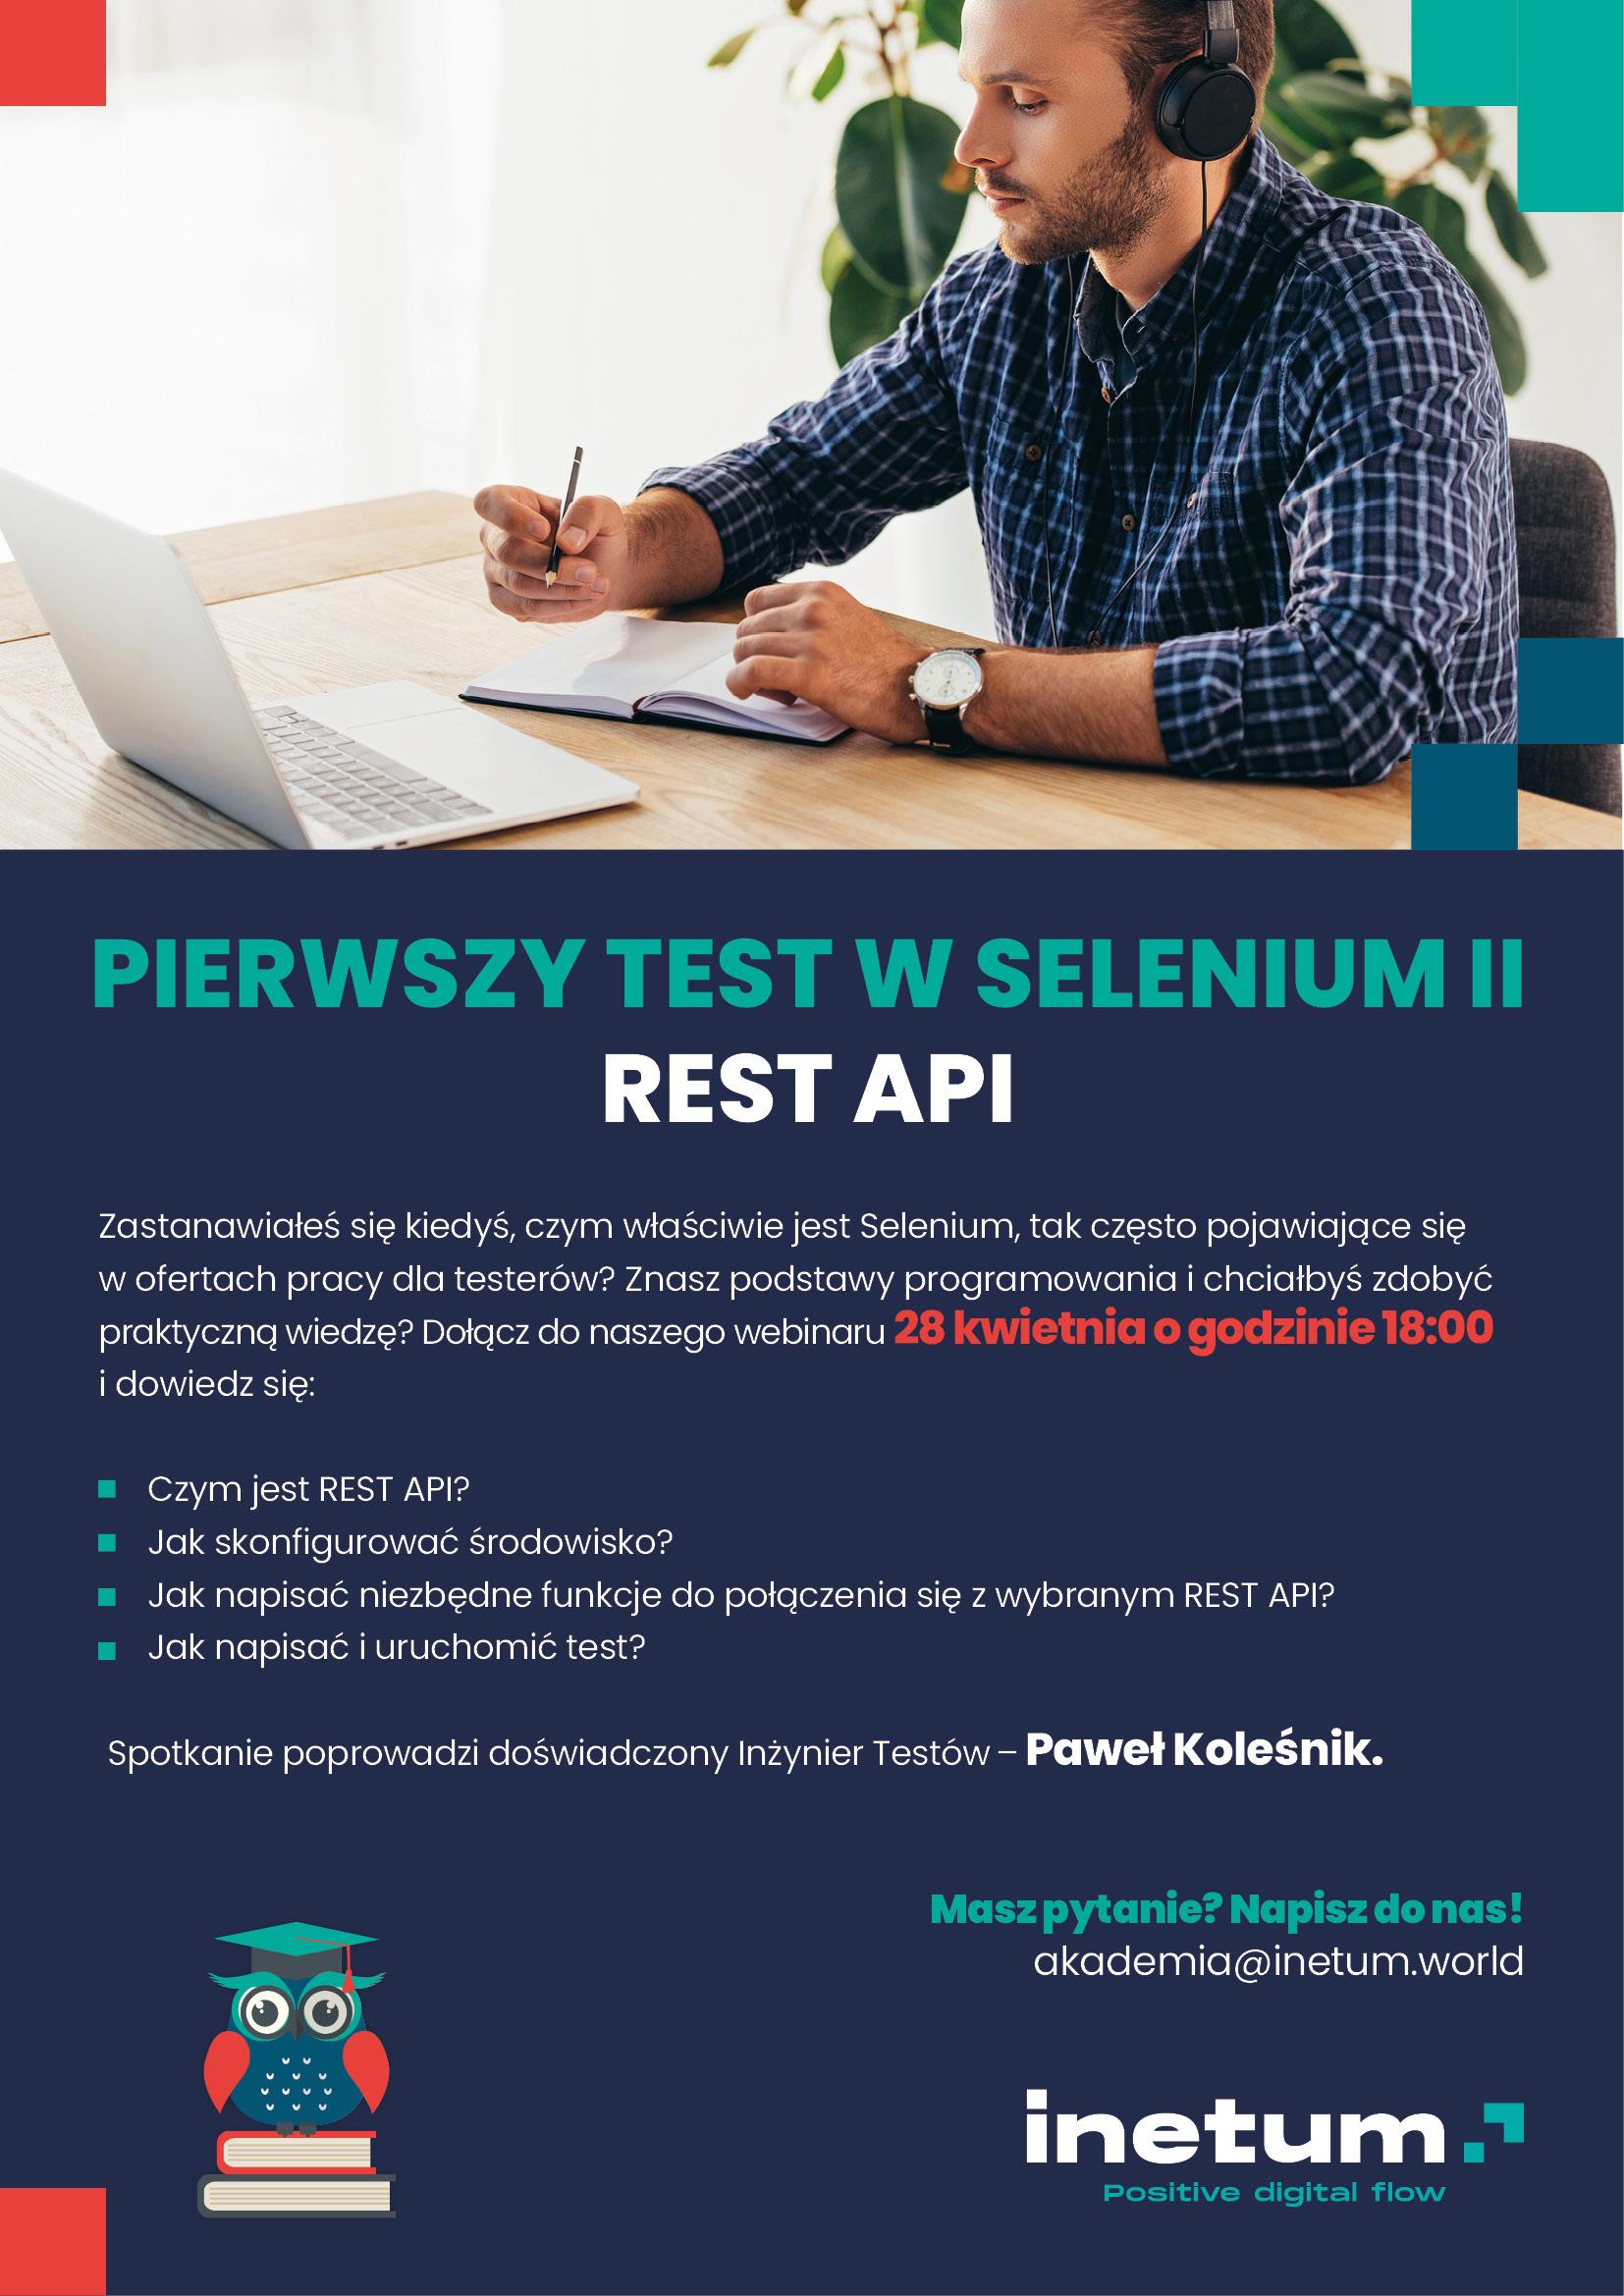 Webinar dla studentów organizowany przez Inetum